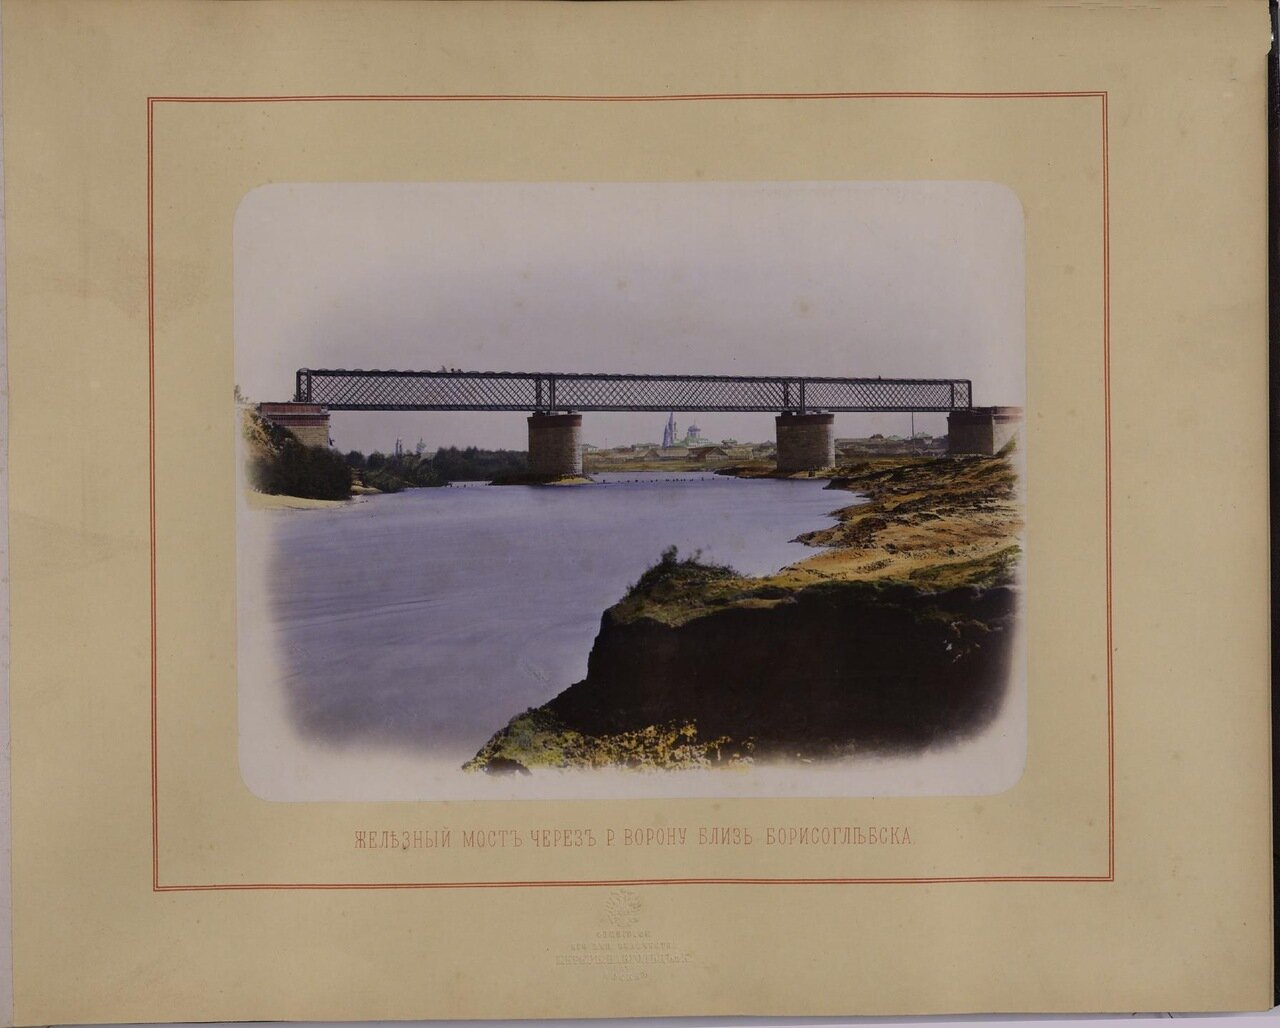 Железнодорожный мост через р.Ворону близ Борисоглебска.Ателье «Шерер и Набгольц».— 1869 г.